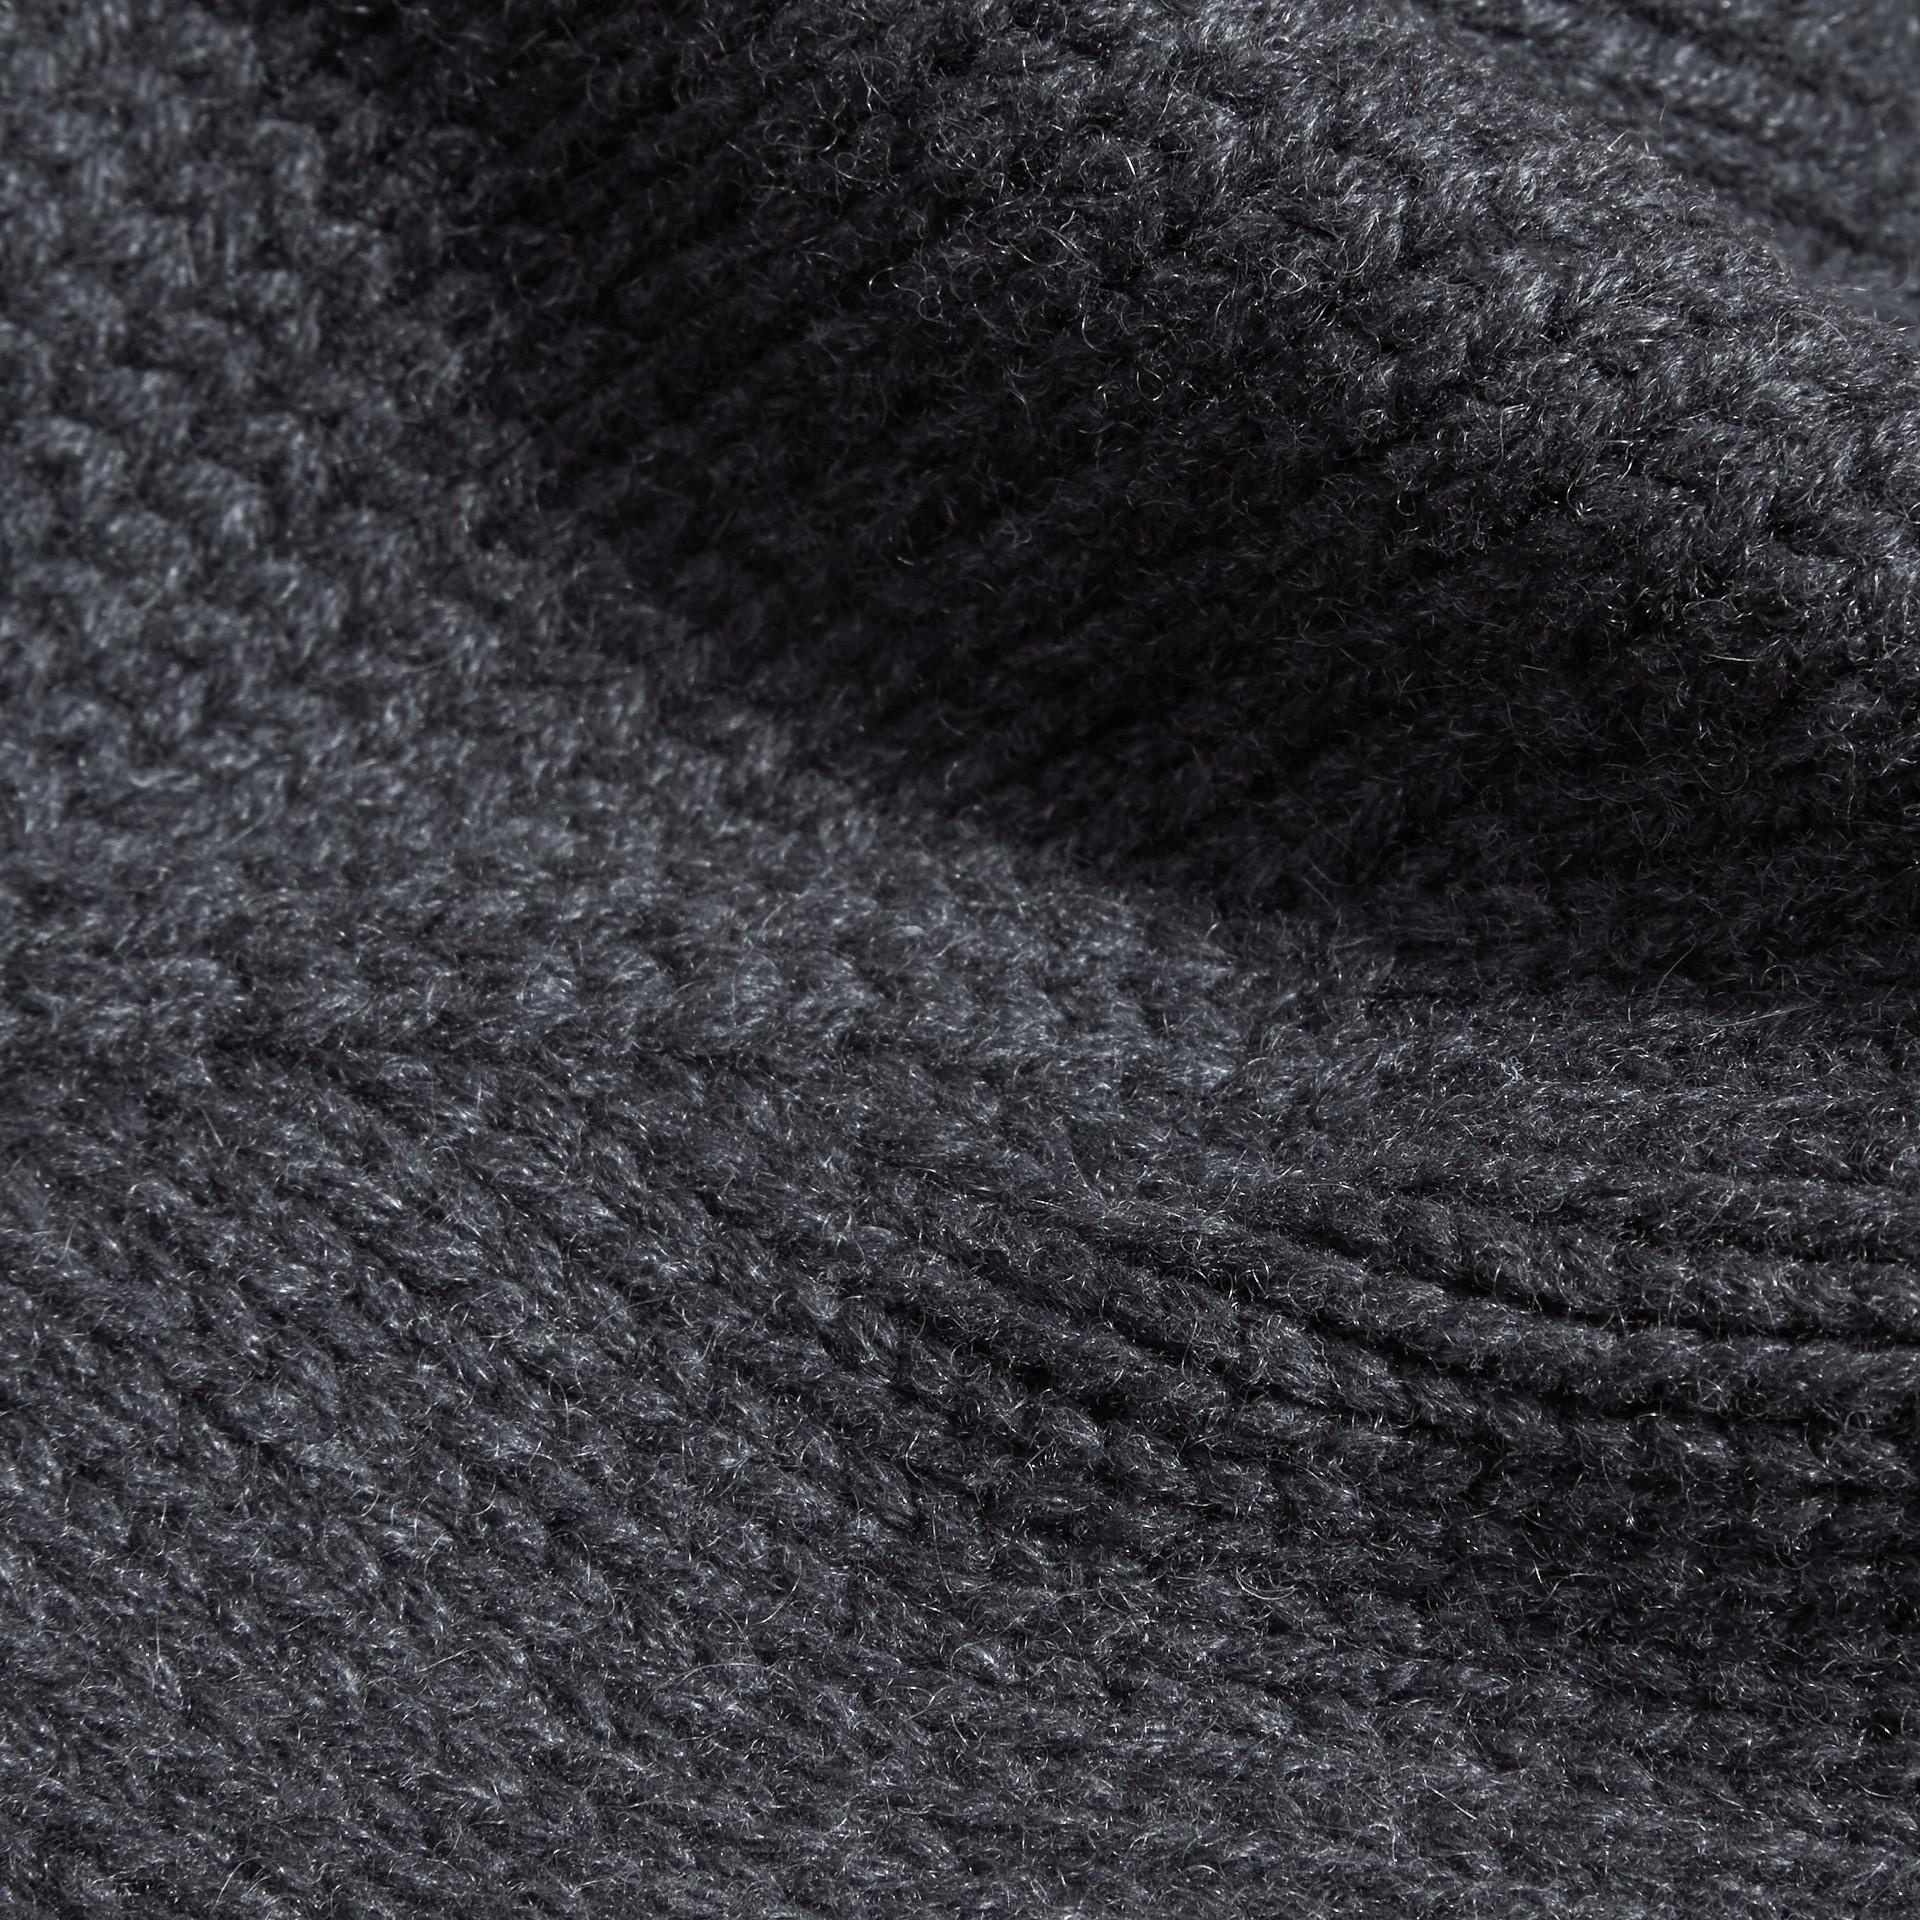 Древесный уголь Вязаная шапка из кашемира - изображение 2